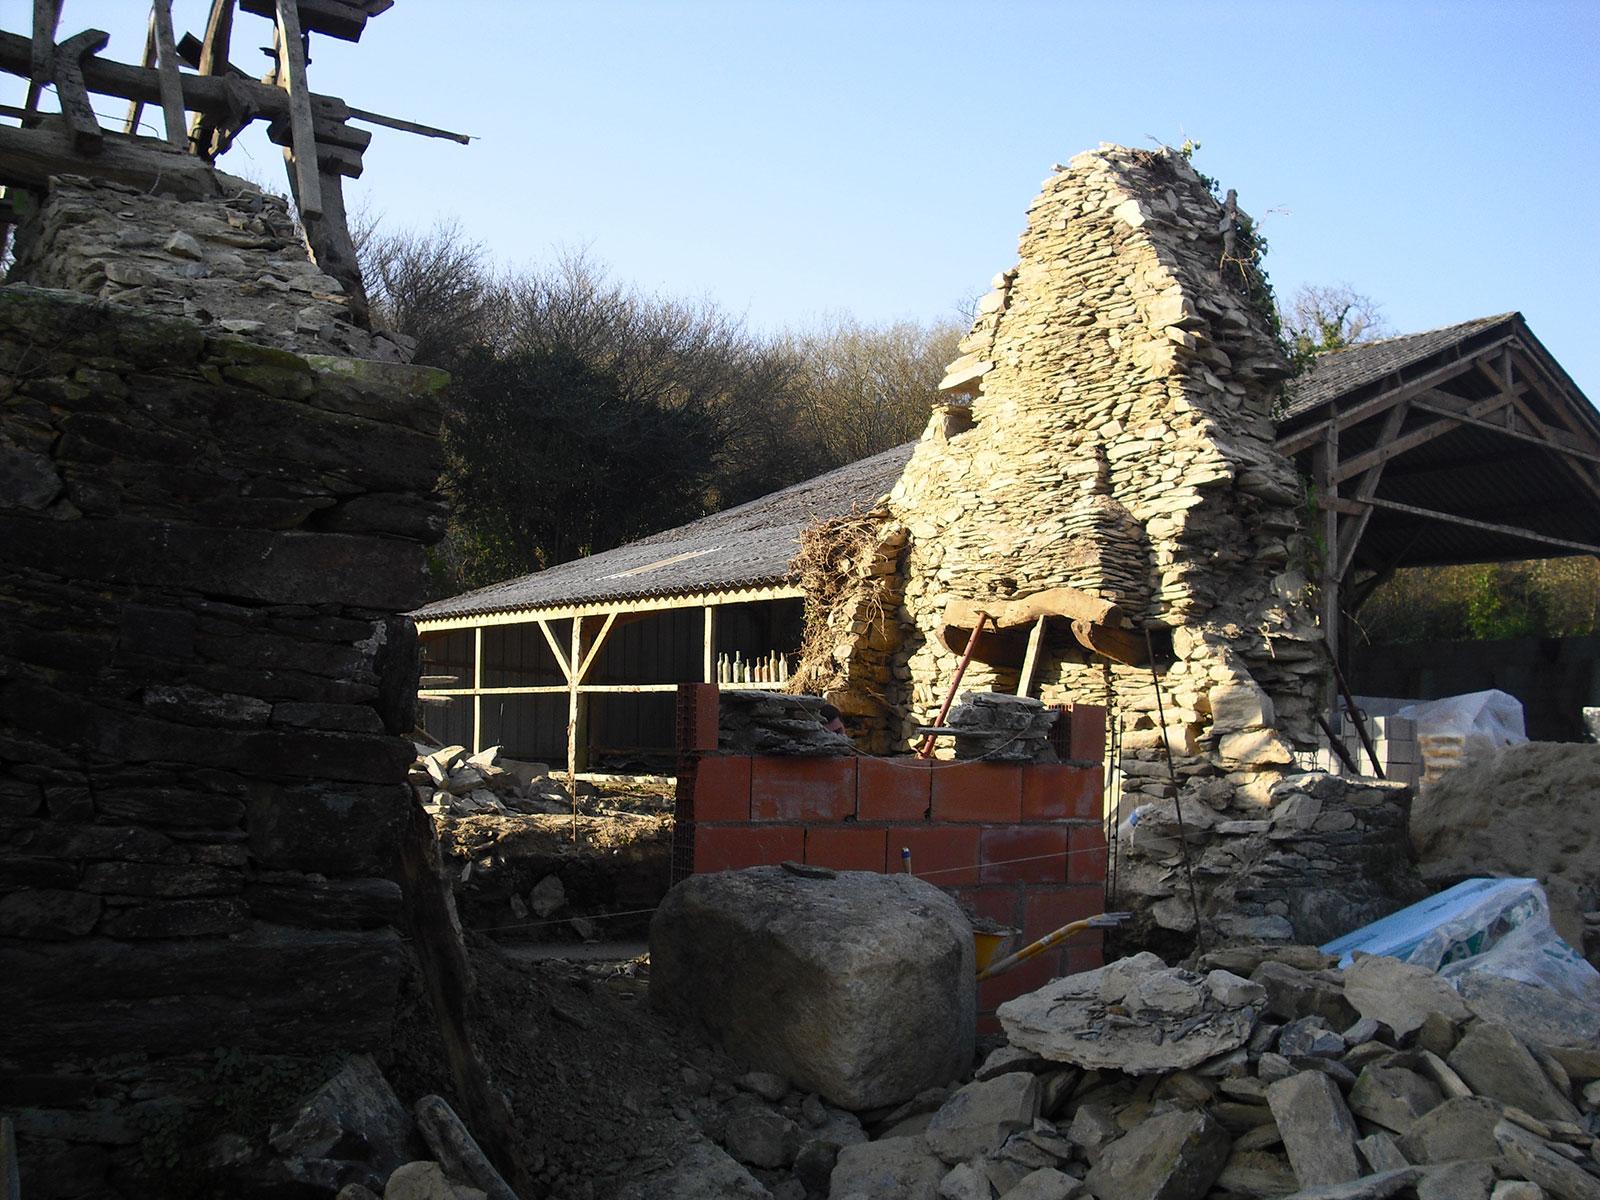 Ma onnerie pierre ext rieure habitation - Maison en pierre seche ...